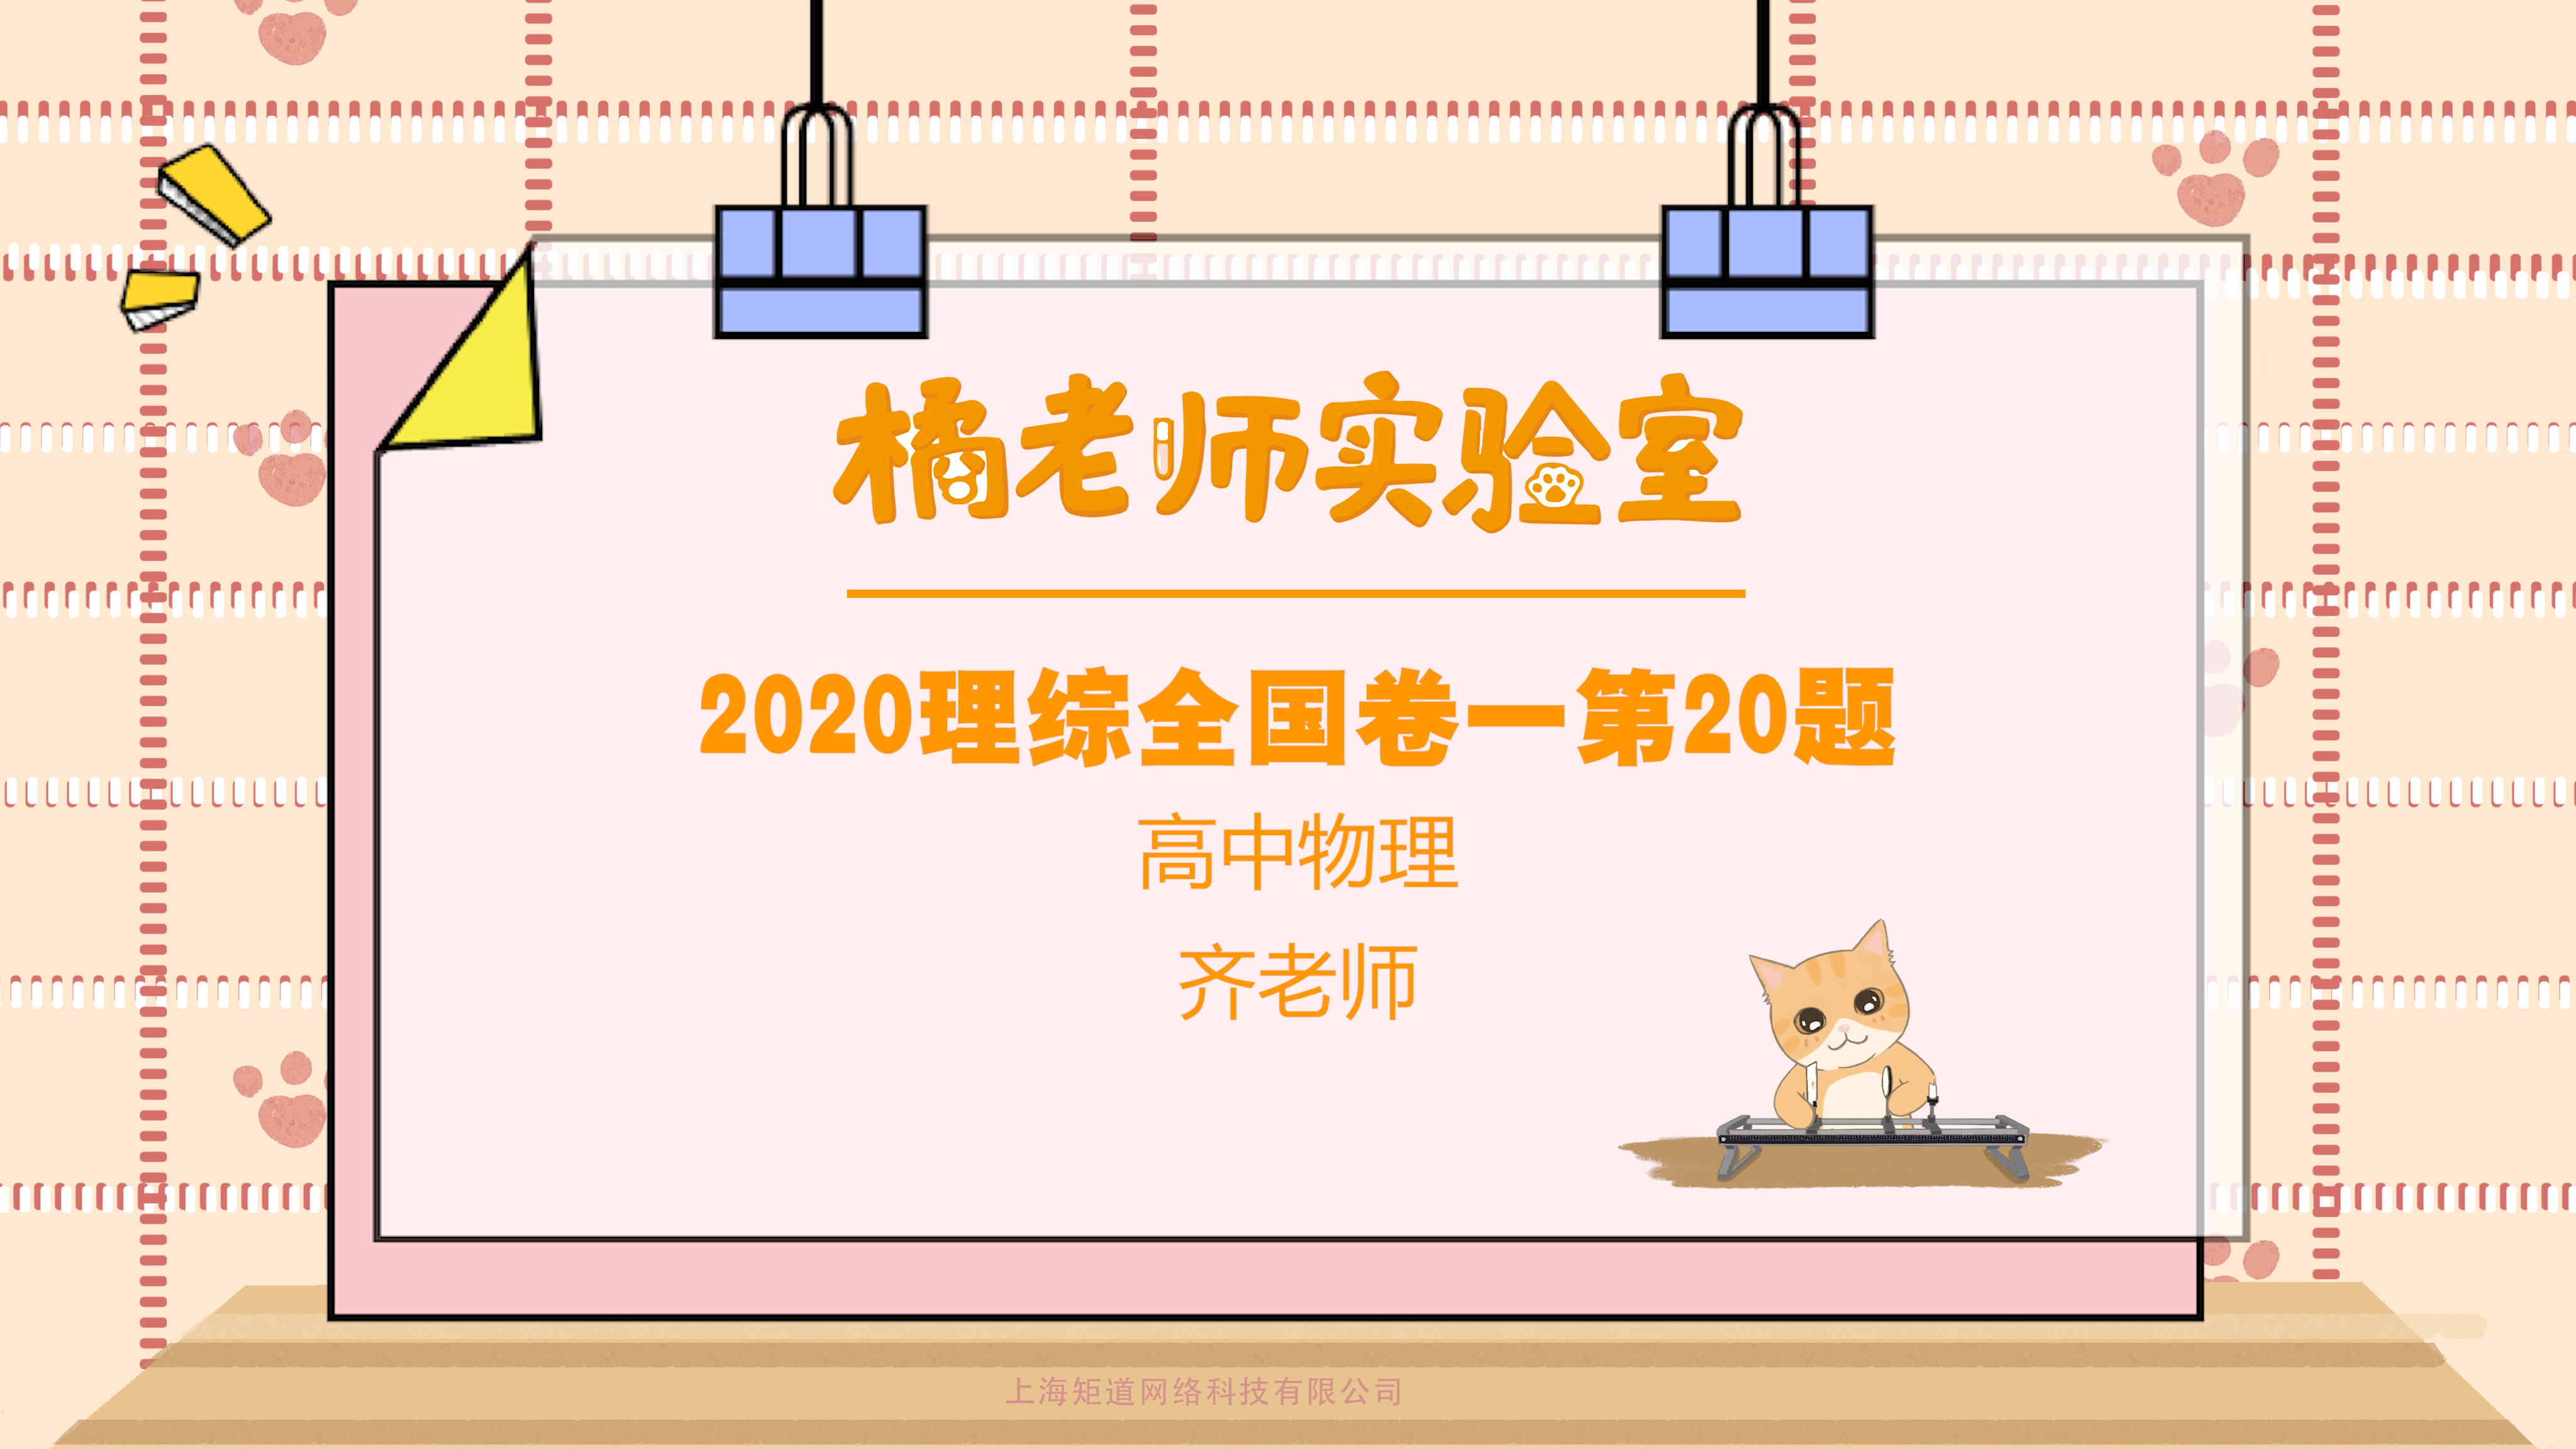 第一百七十八期:《解析2020理综全国卷一第20题》